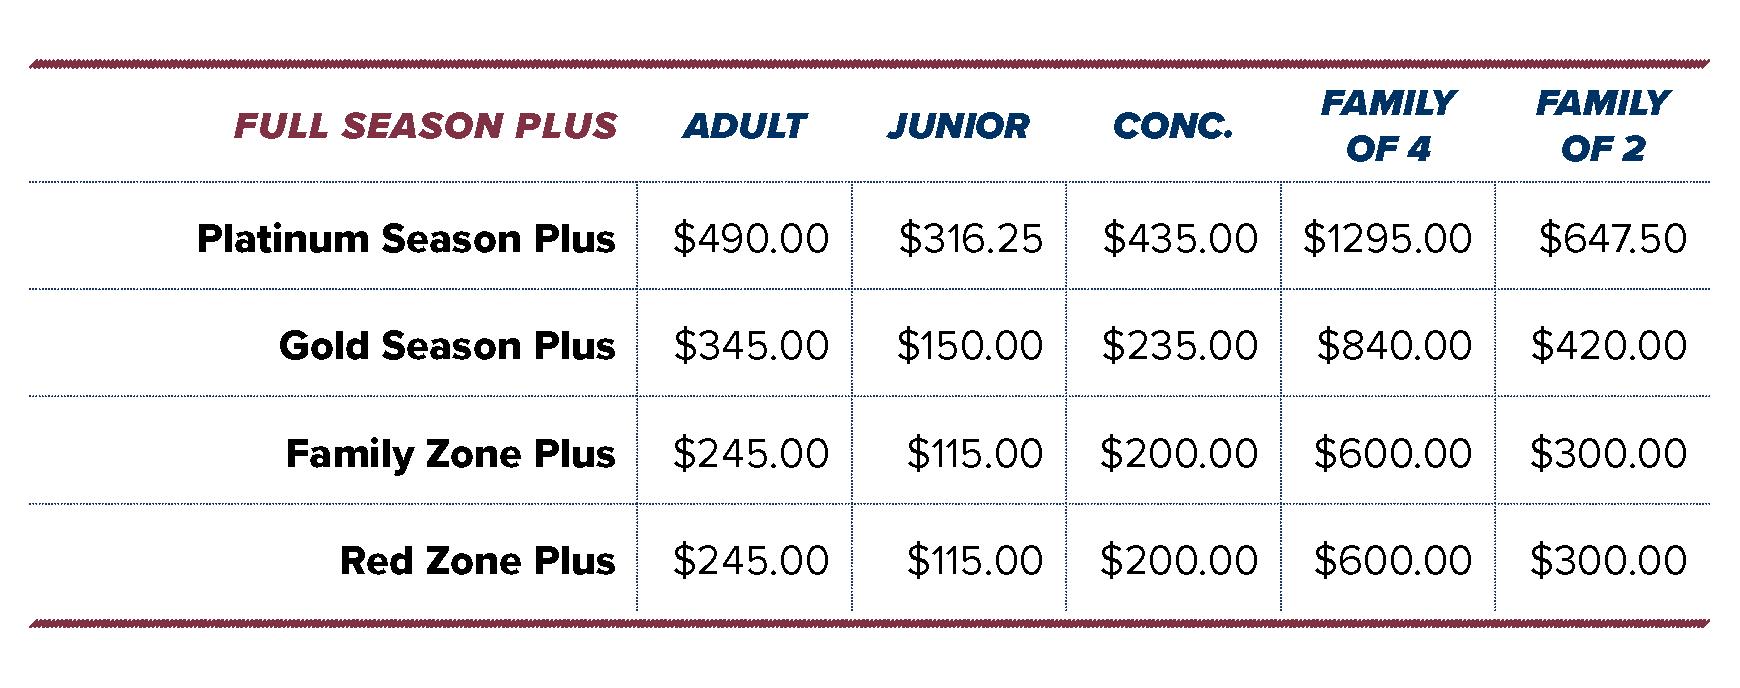 2019 Membership - Pricing Tables [Full Plus].png